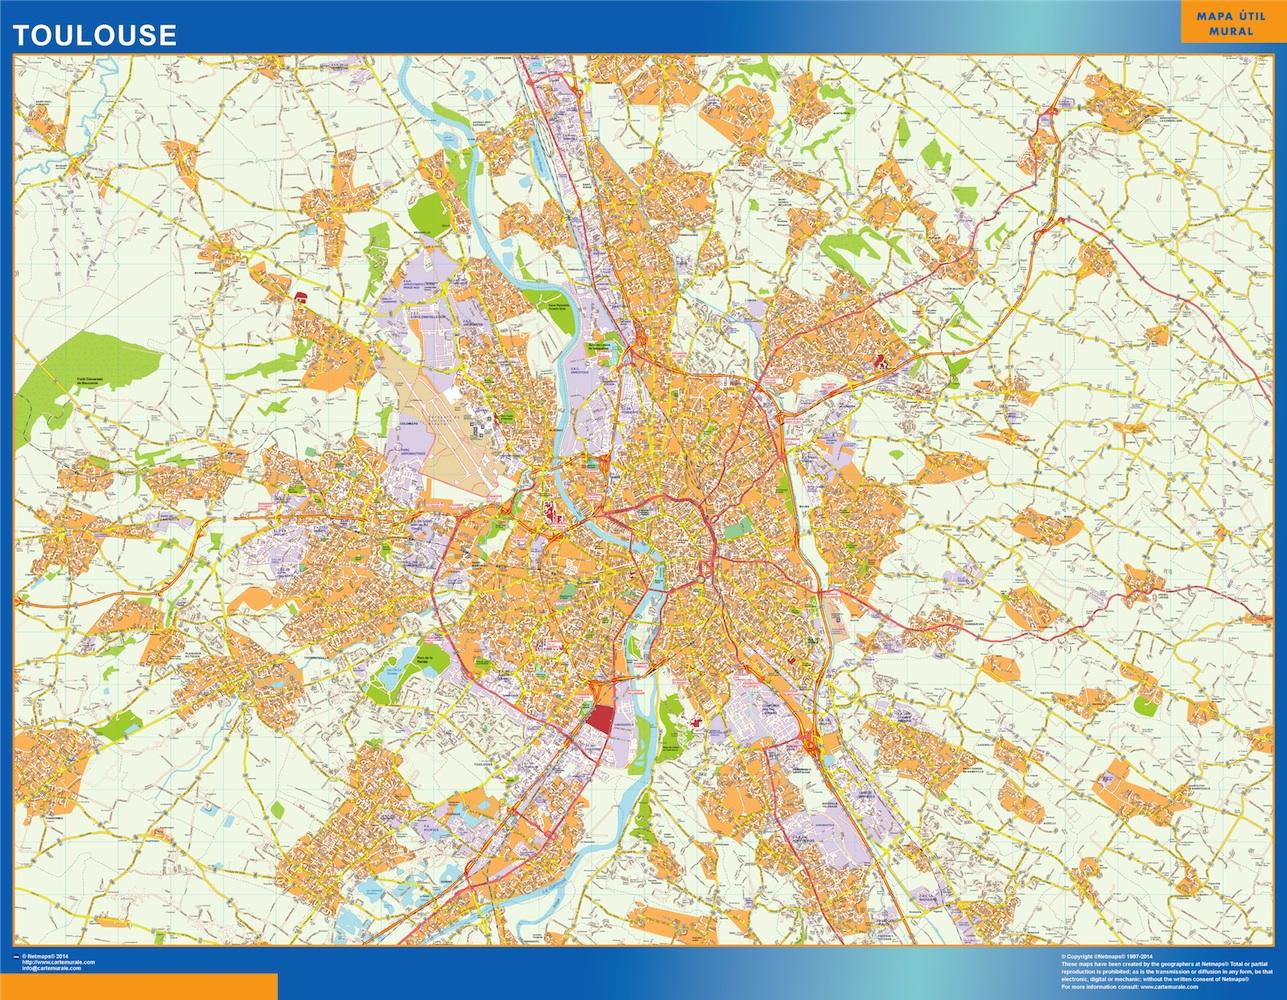 Plan des rues Toulouse